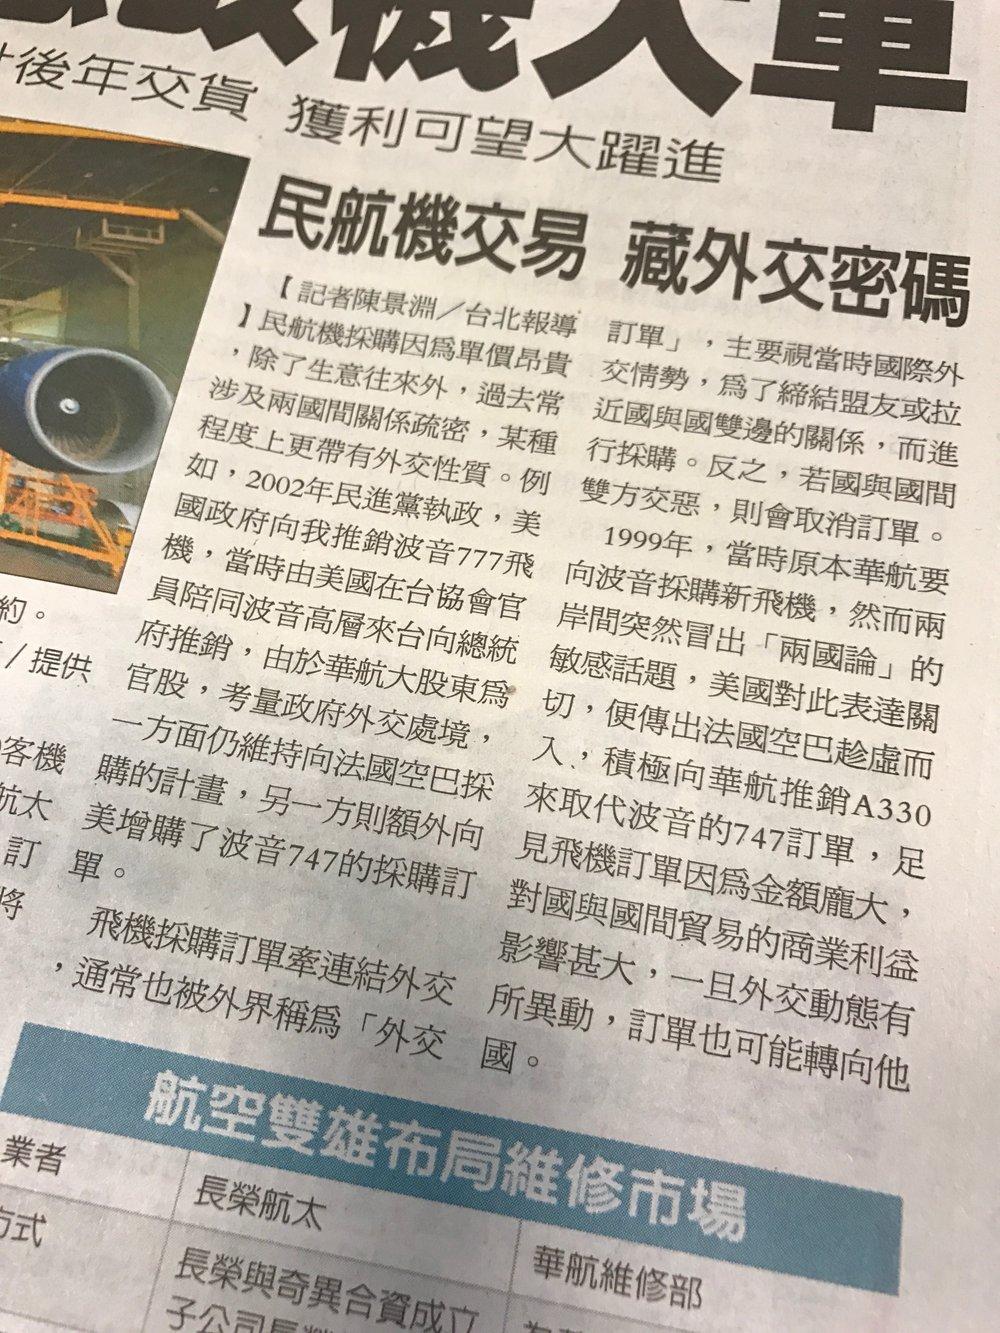 2016/12/14 經濟日報